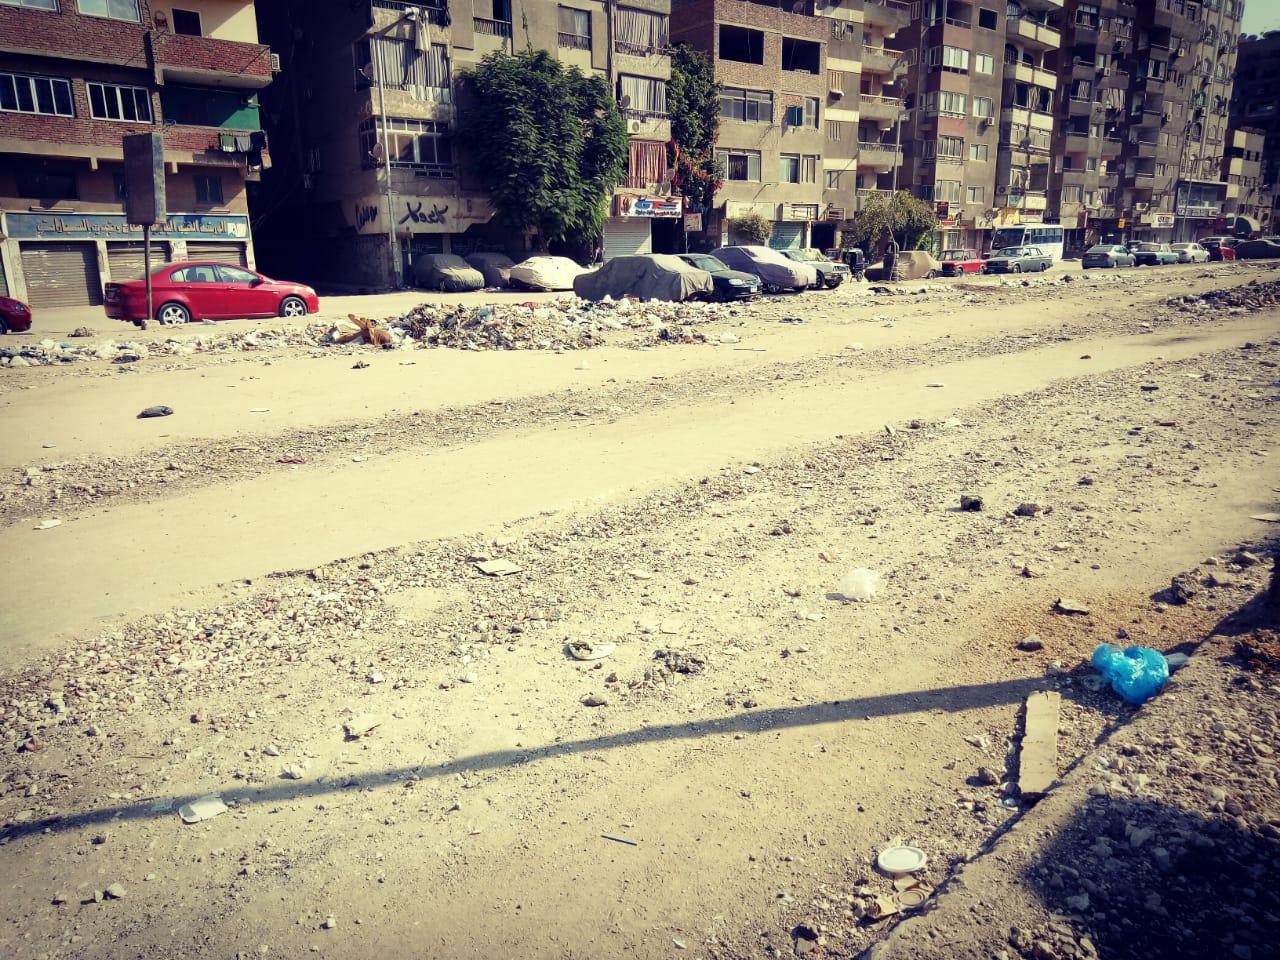 انتشار القمامة وسوء الخدمات فى منطقة ترسا بالهرم (3)